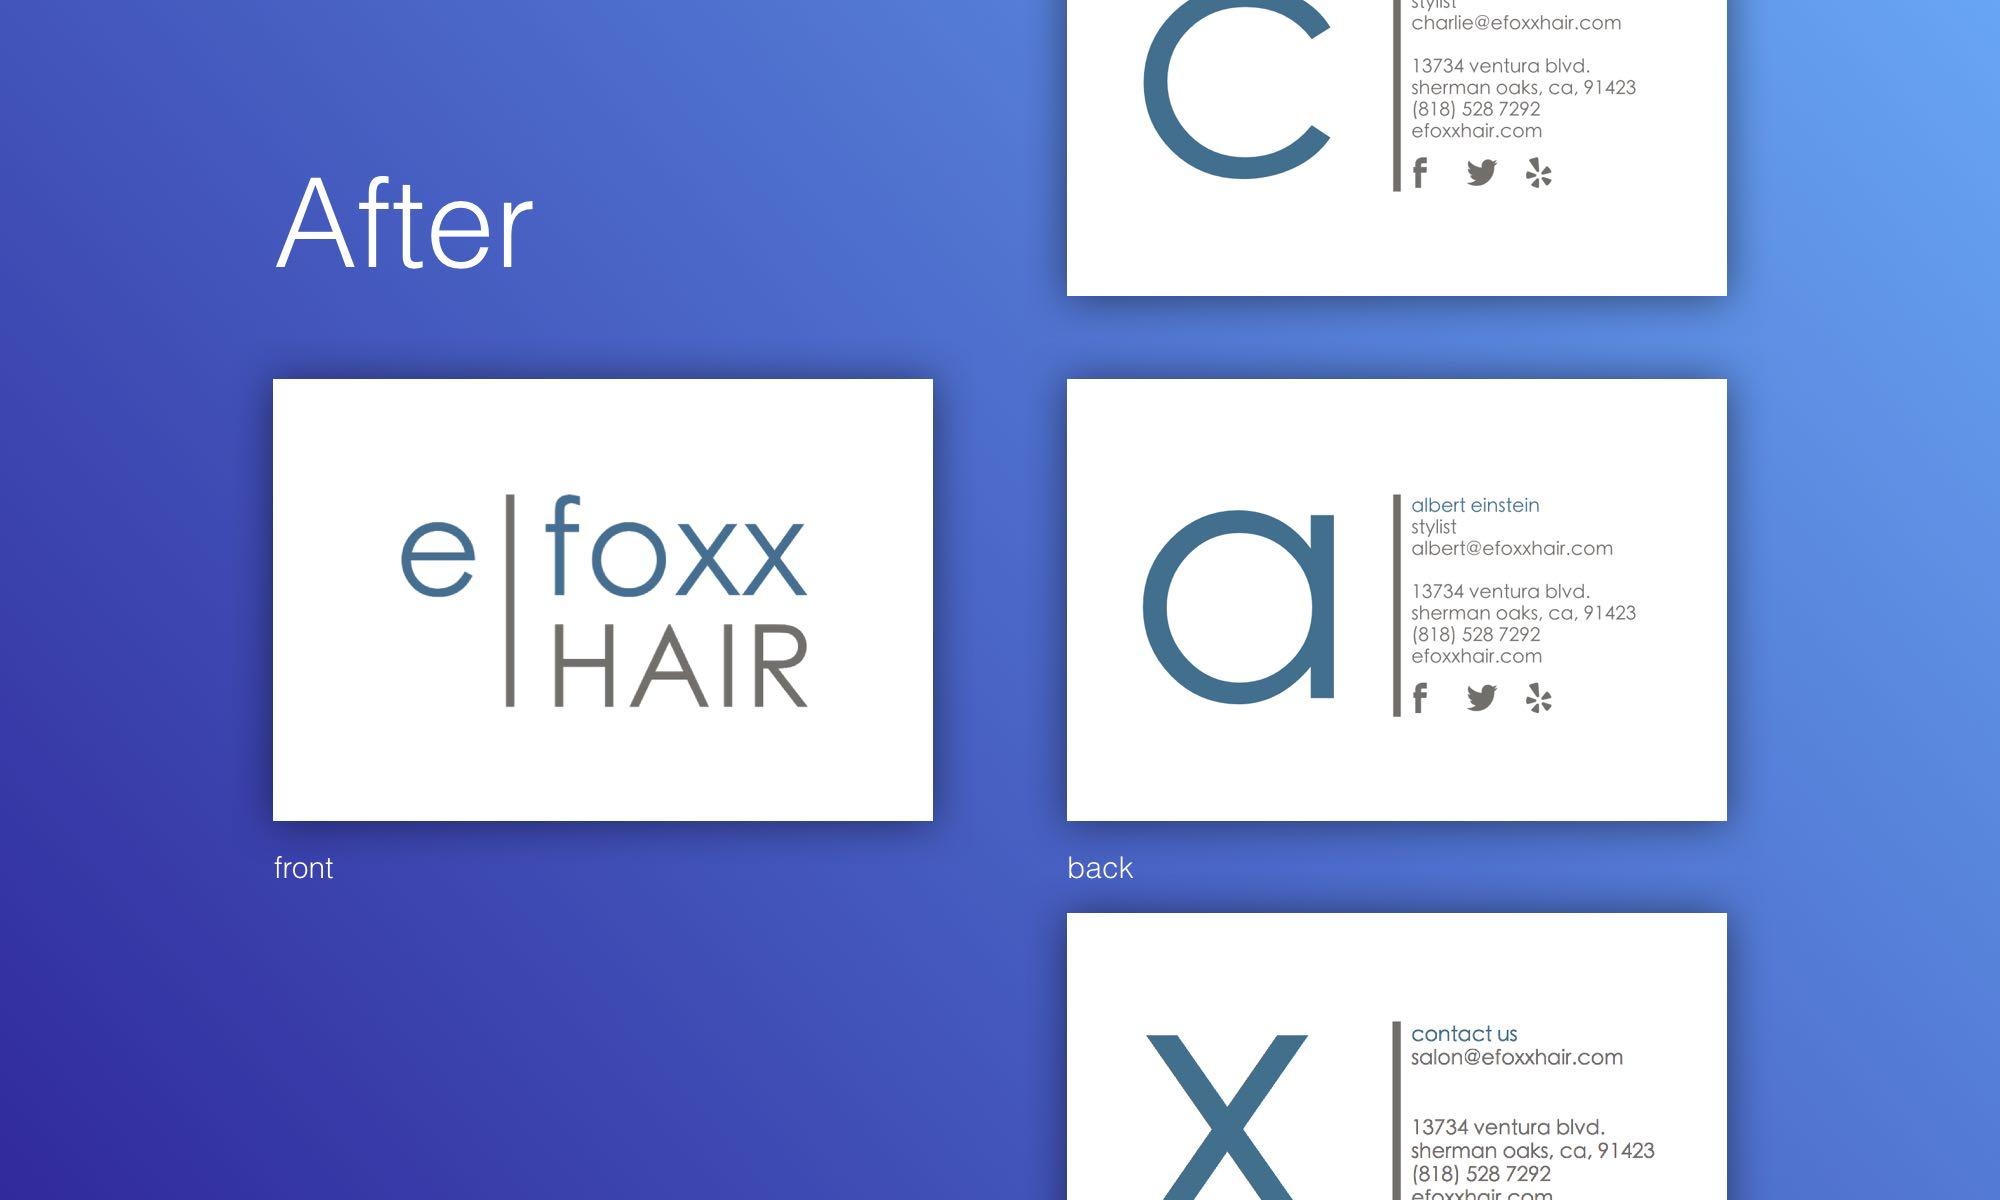 efoxx Hair after